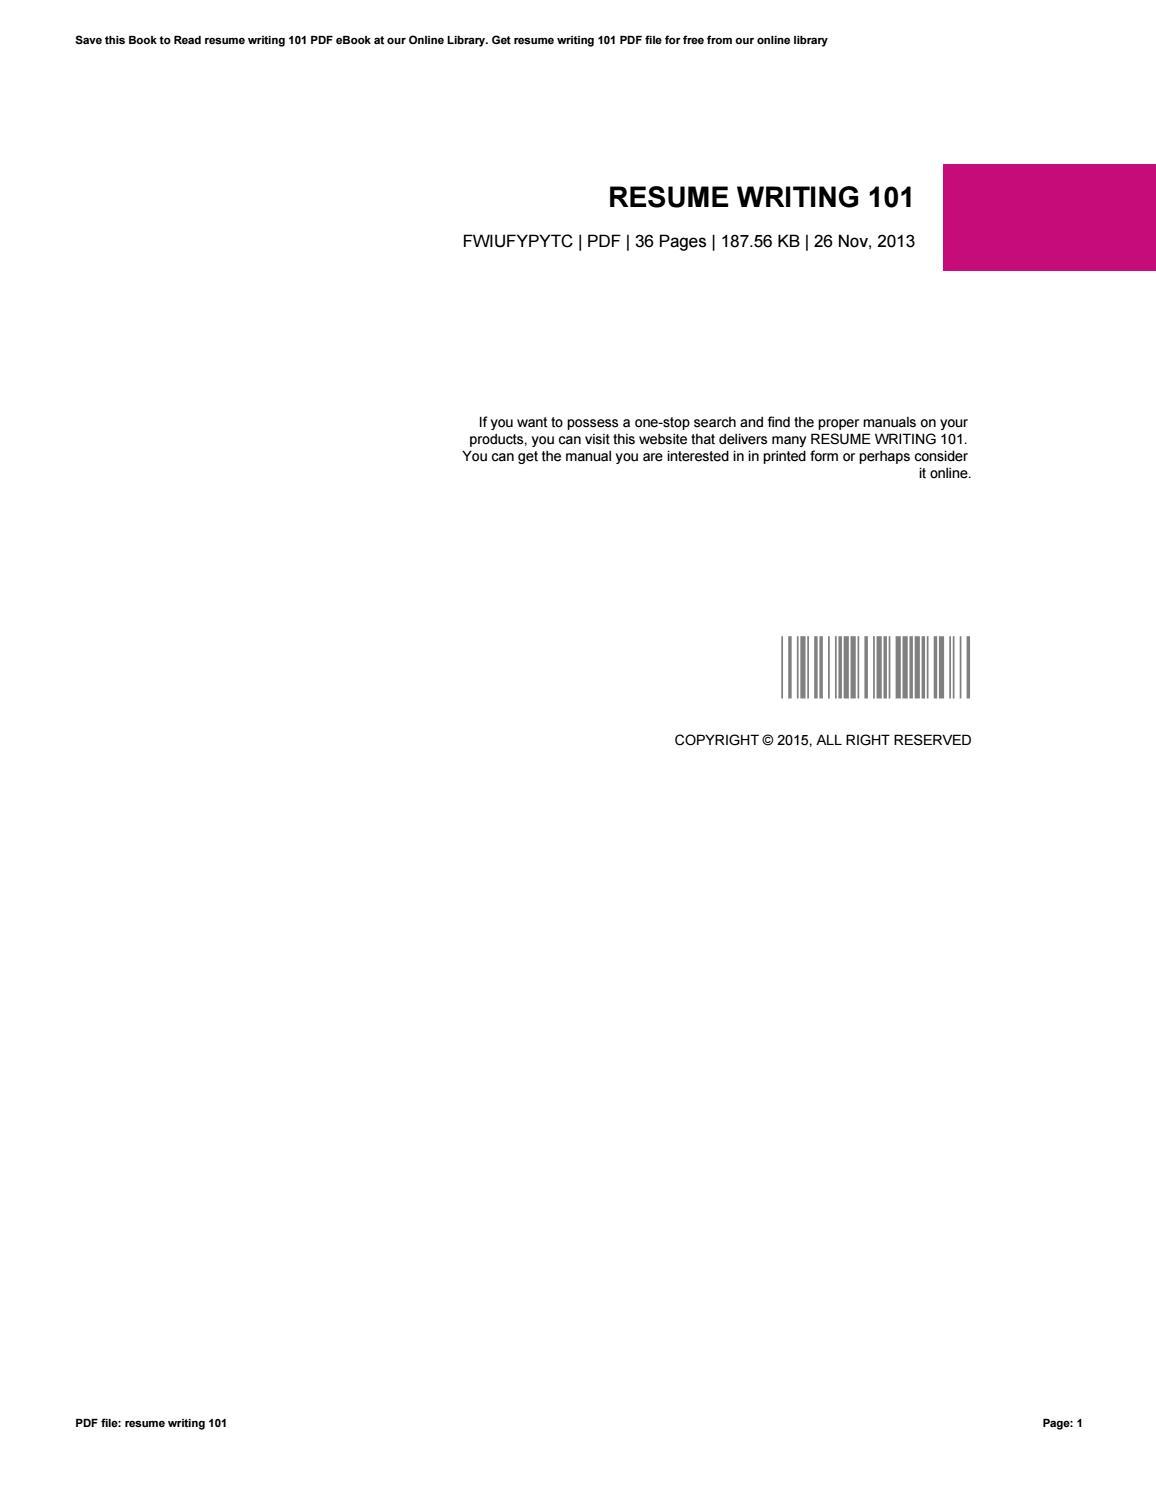 Resume Writing 101 By Vitha63alvita Issuu